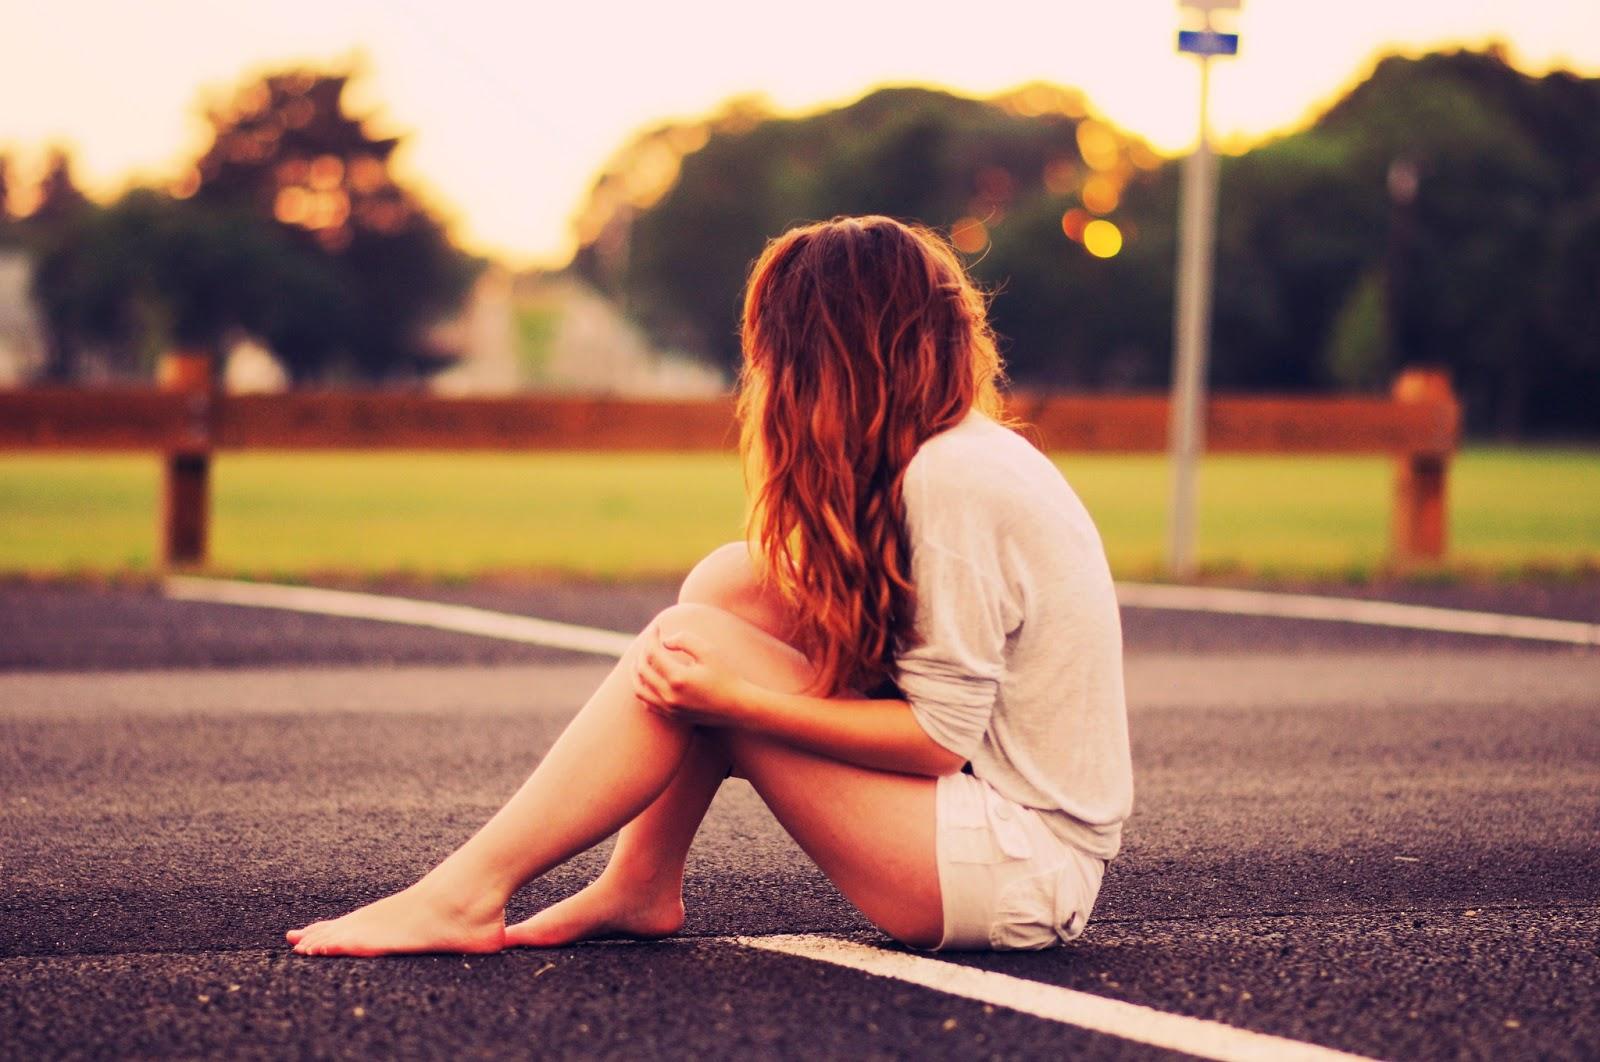 Hình ảnh con gái buồn, tâm trạng.